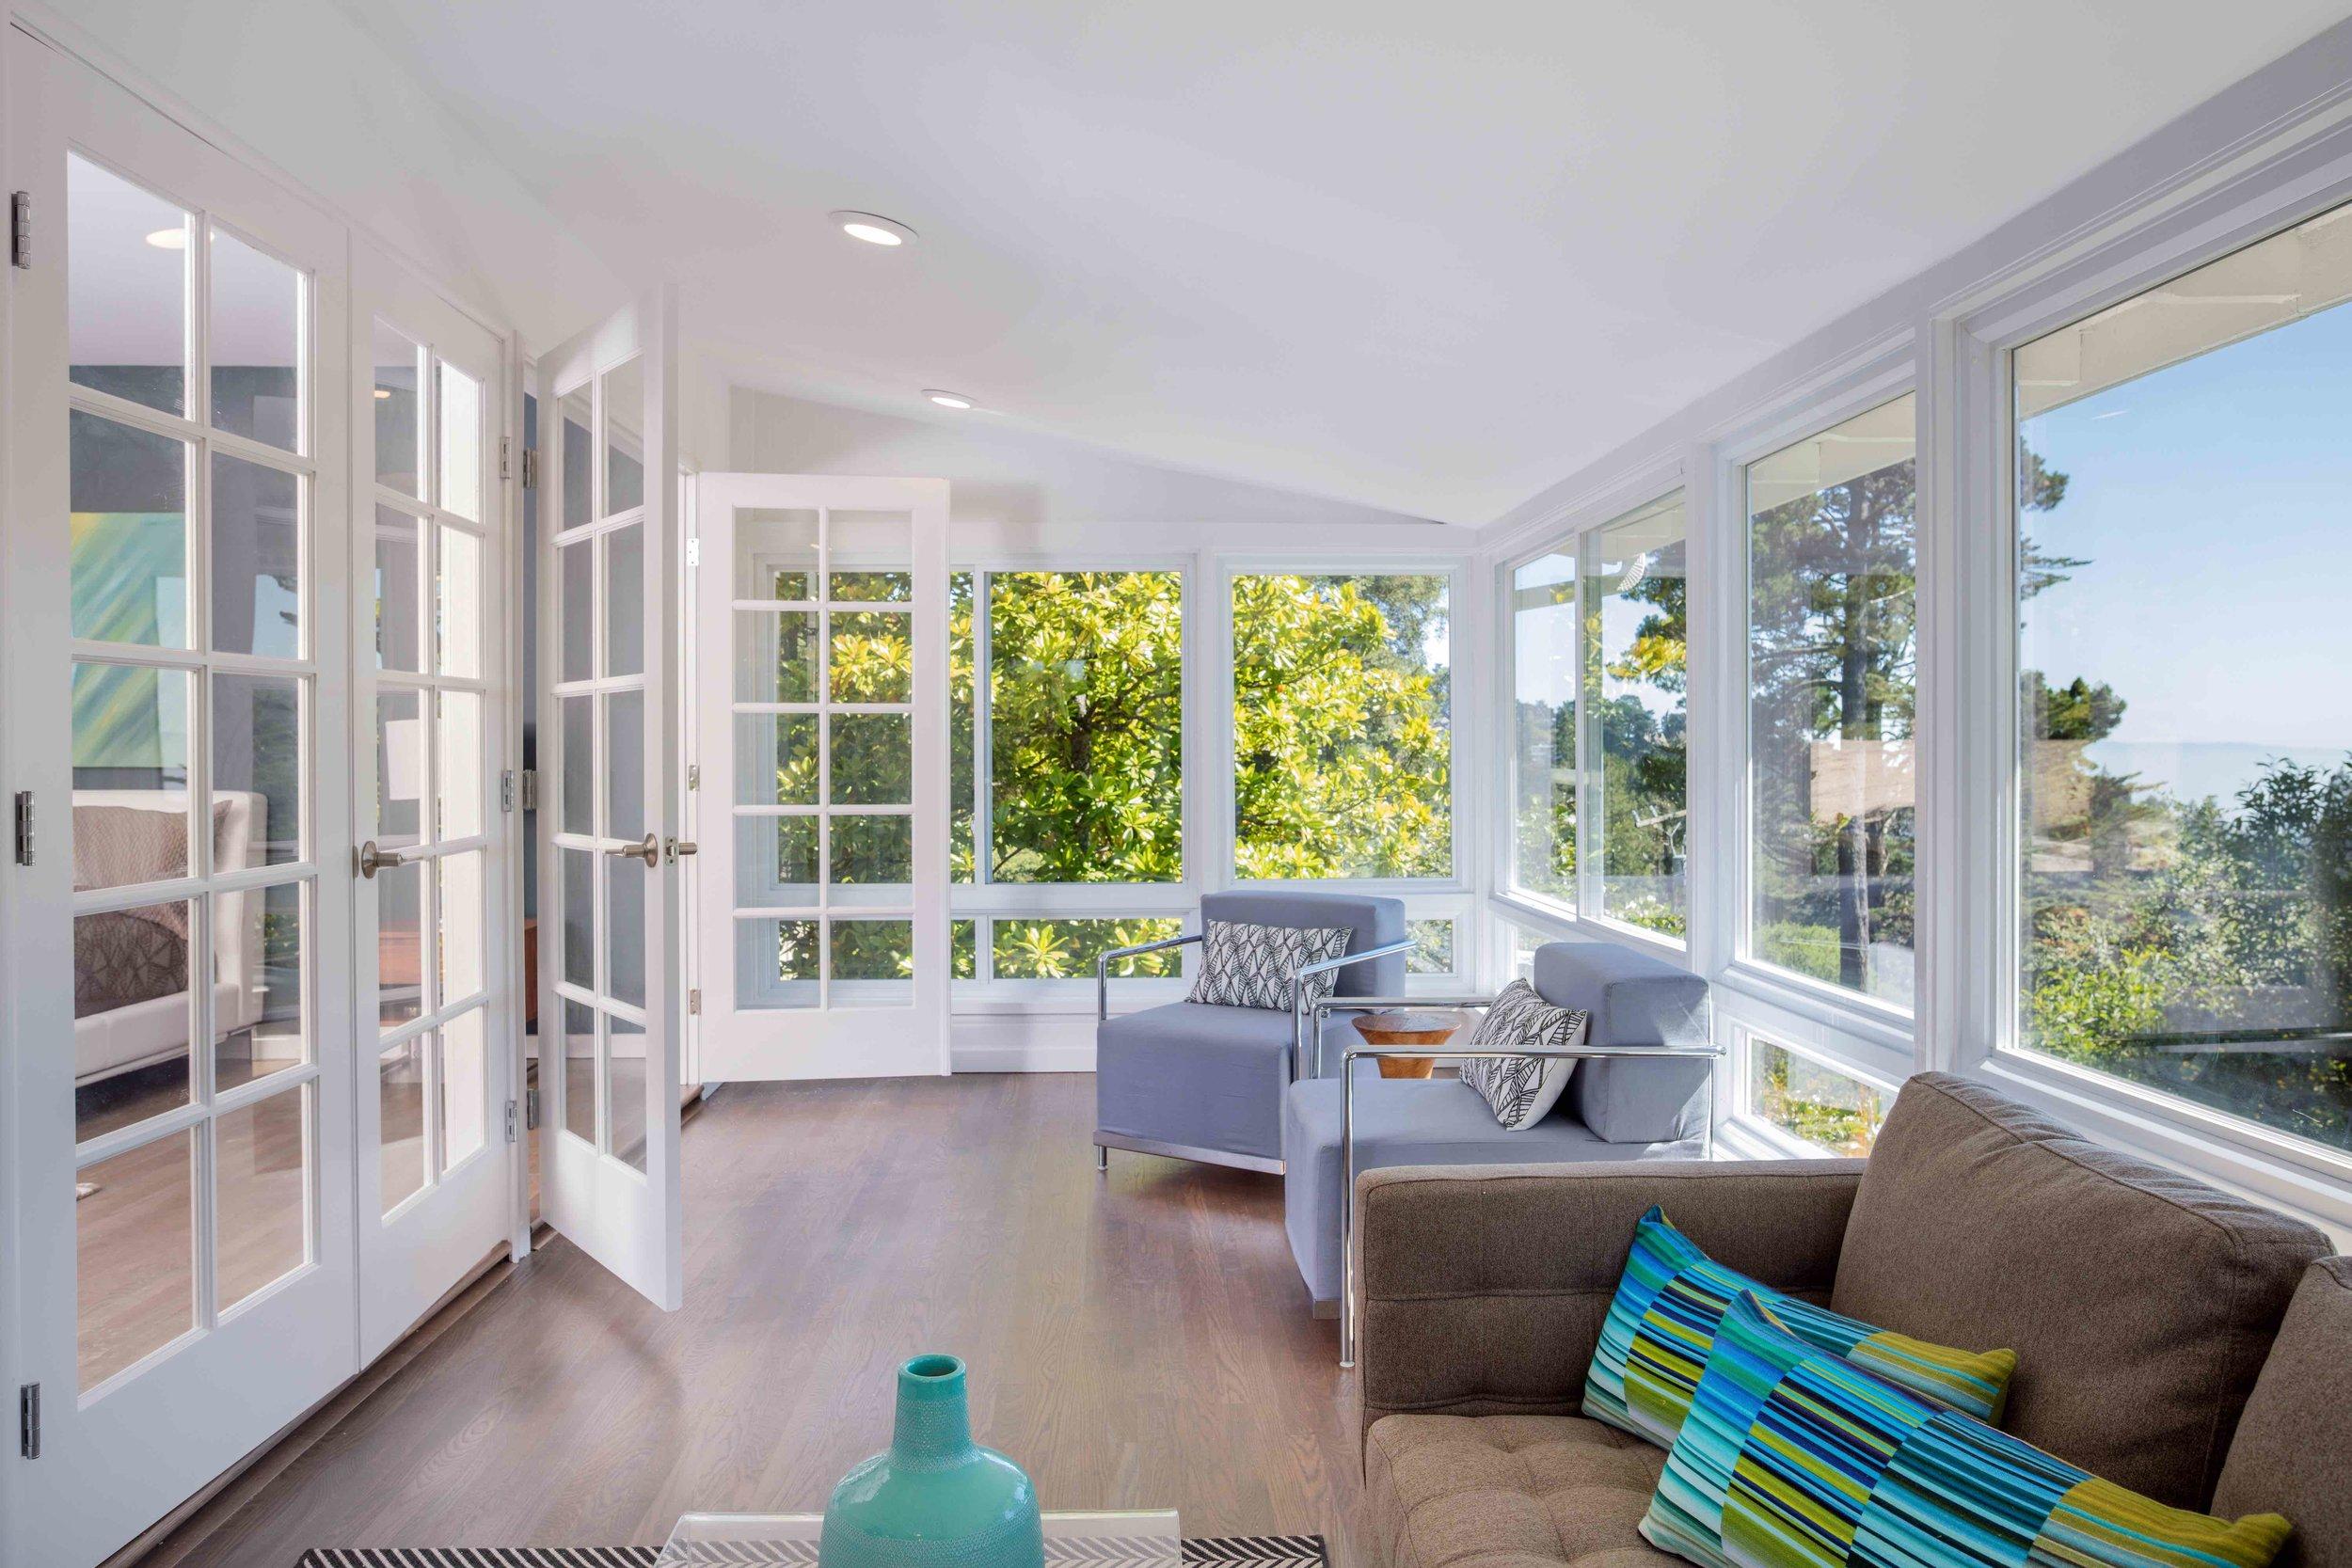 Cómo aprovechar el espacio bajo la ventana en la decoración del hogar